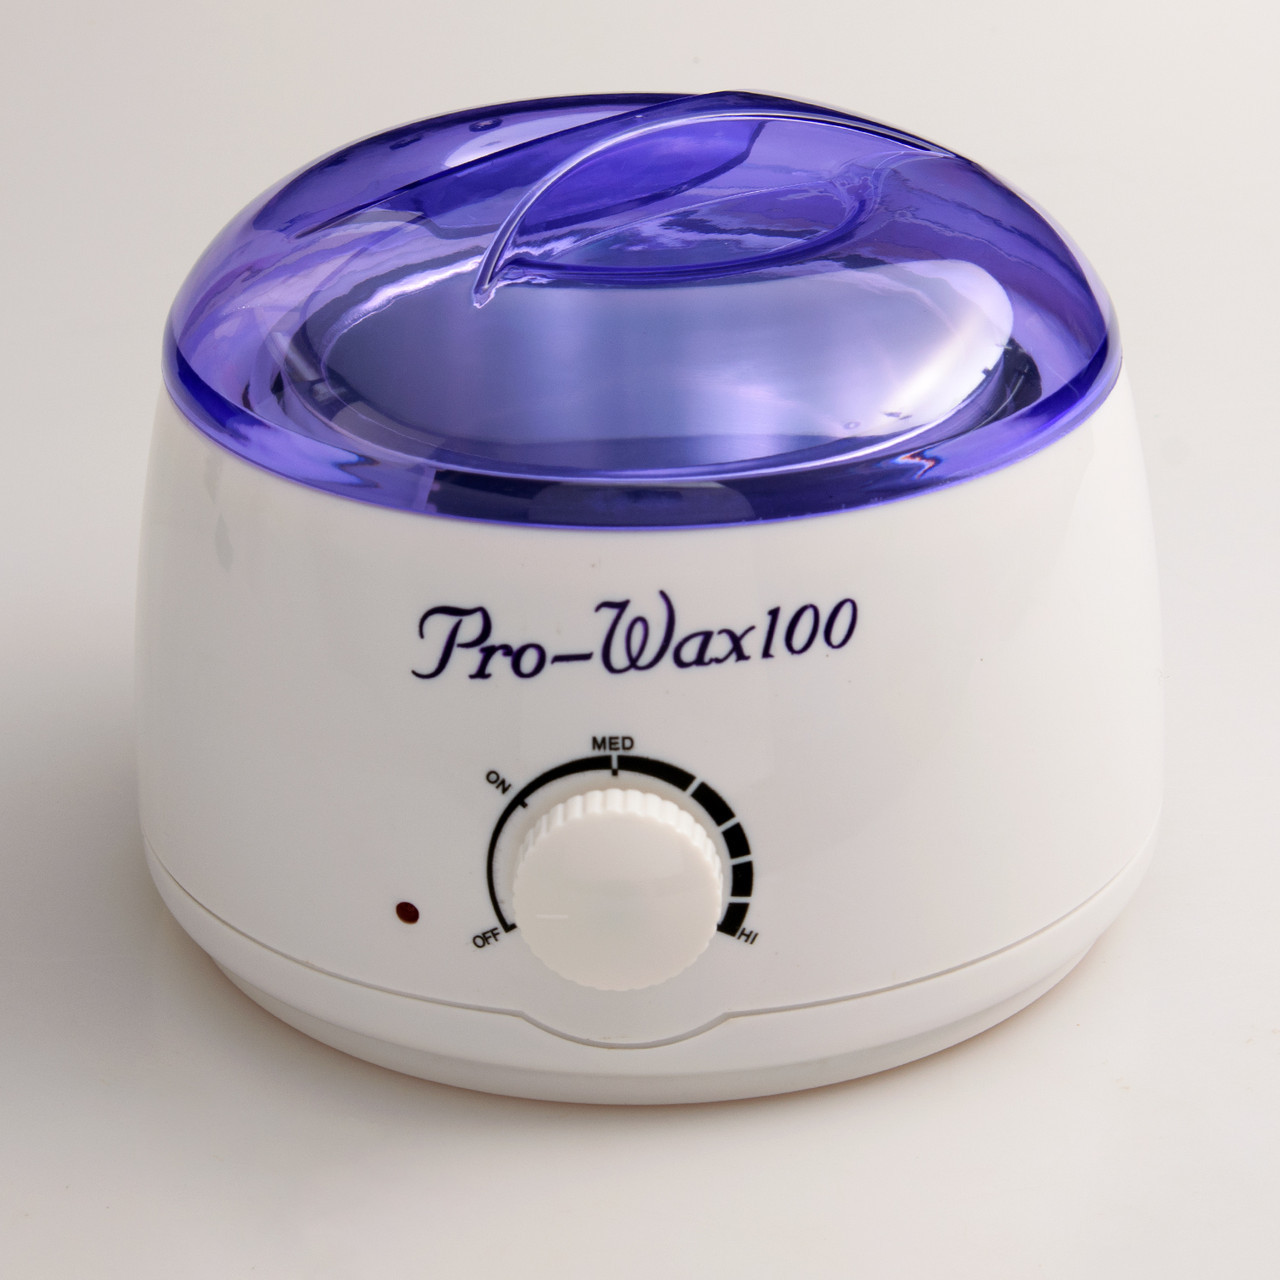 Pro-wax 100 Воскоплав для воска в банке